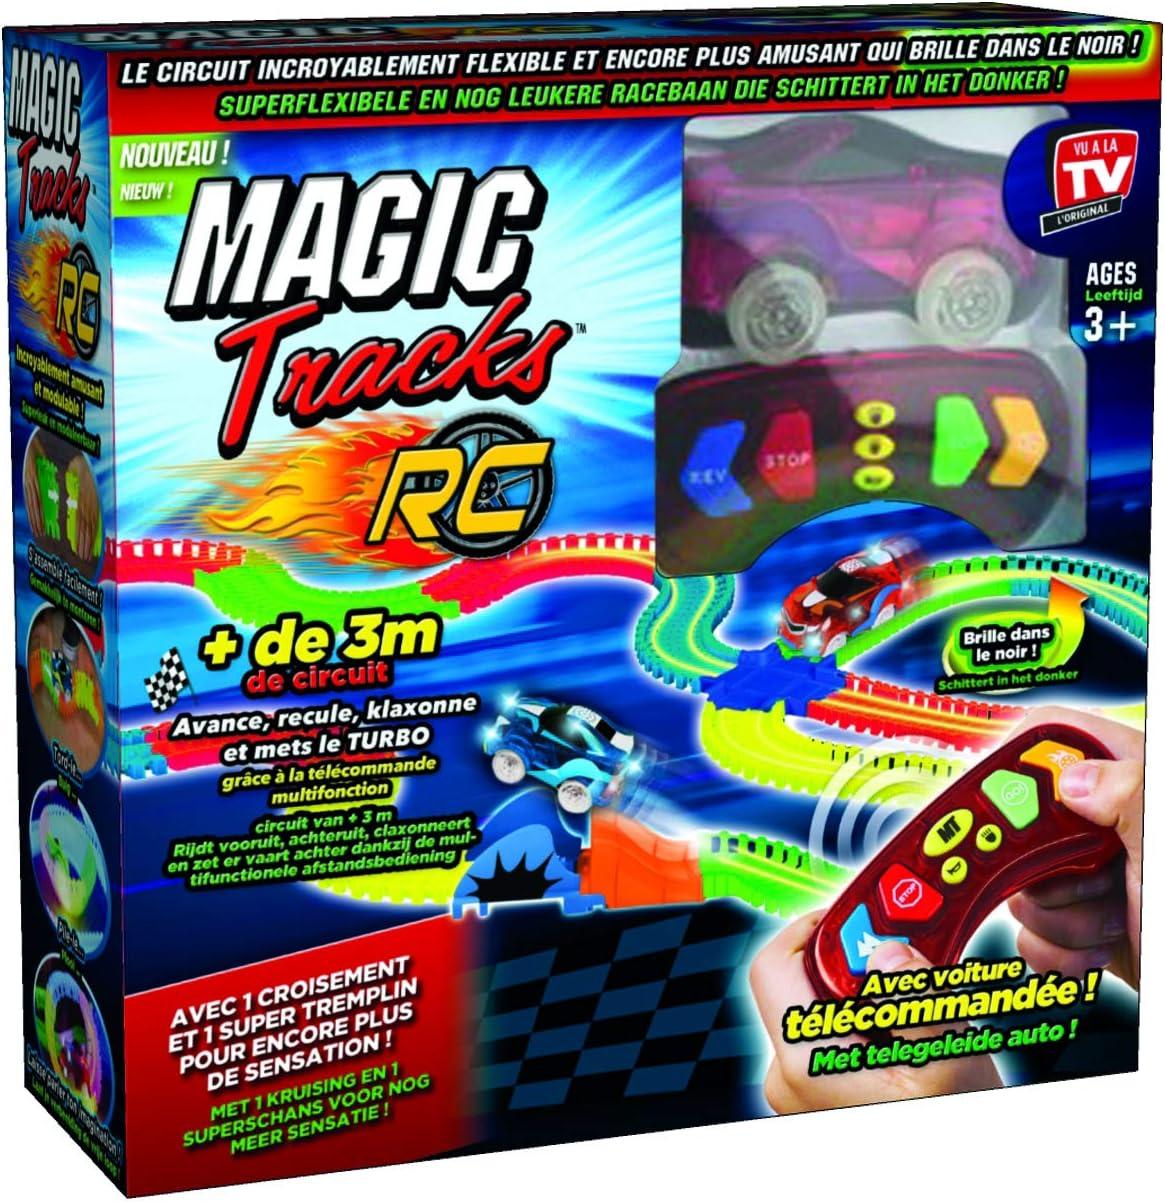 MAGIC TRACKS RC - Circuito Luminoso, 3,35 Metros modulable y Brillante en la Oscuridad, Incluye un Coche teledirigido